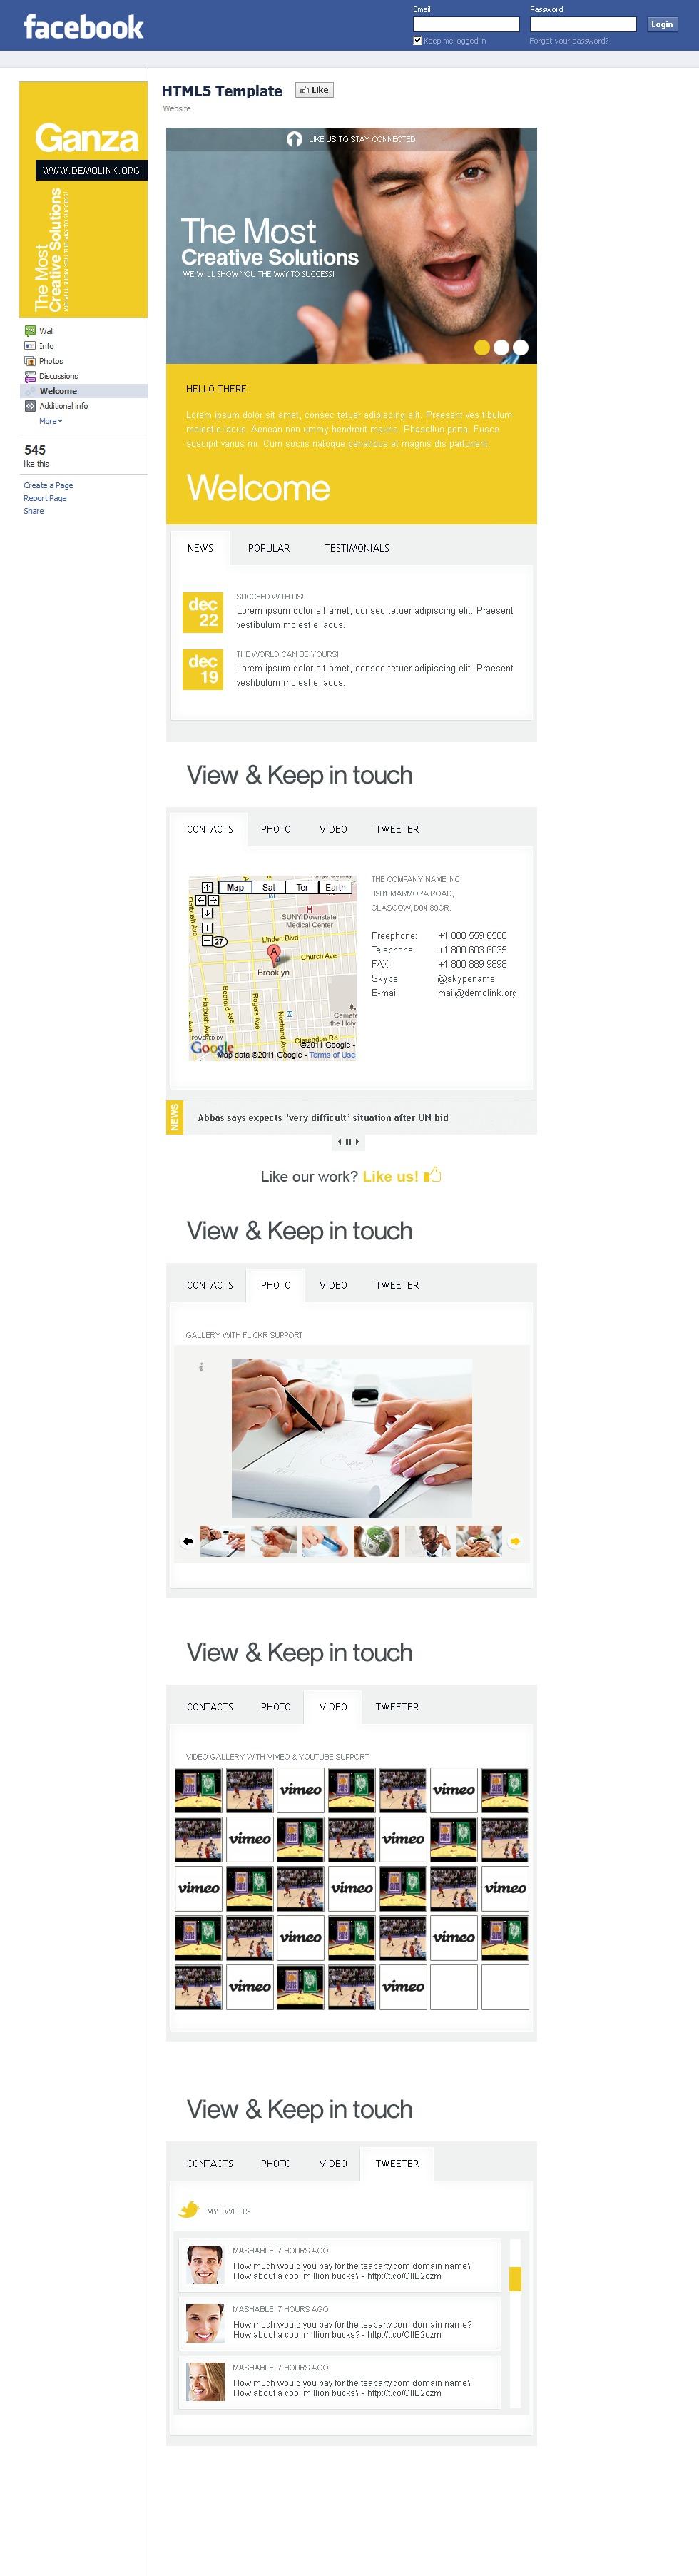 Facebook шаблон на тему бізнес та послуги №37944 - скріншот